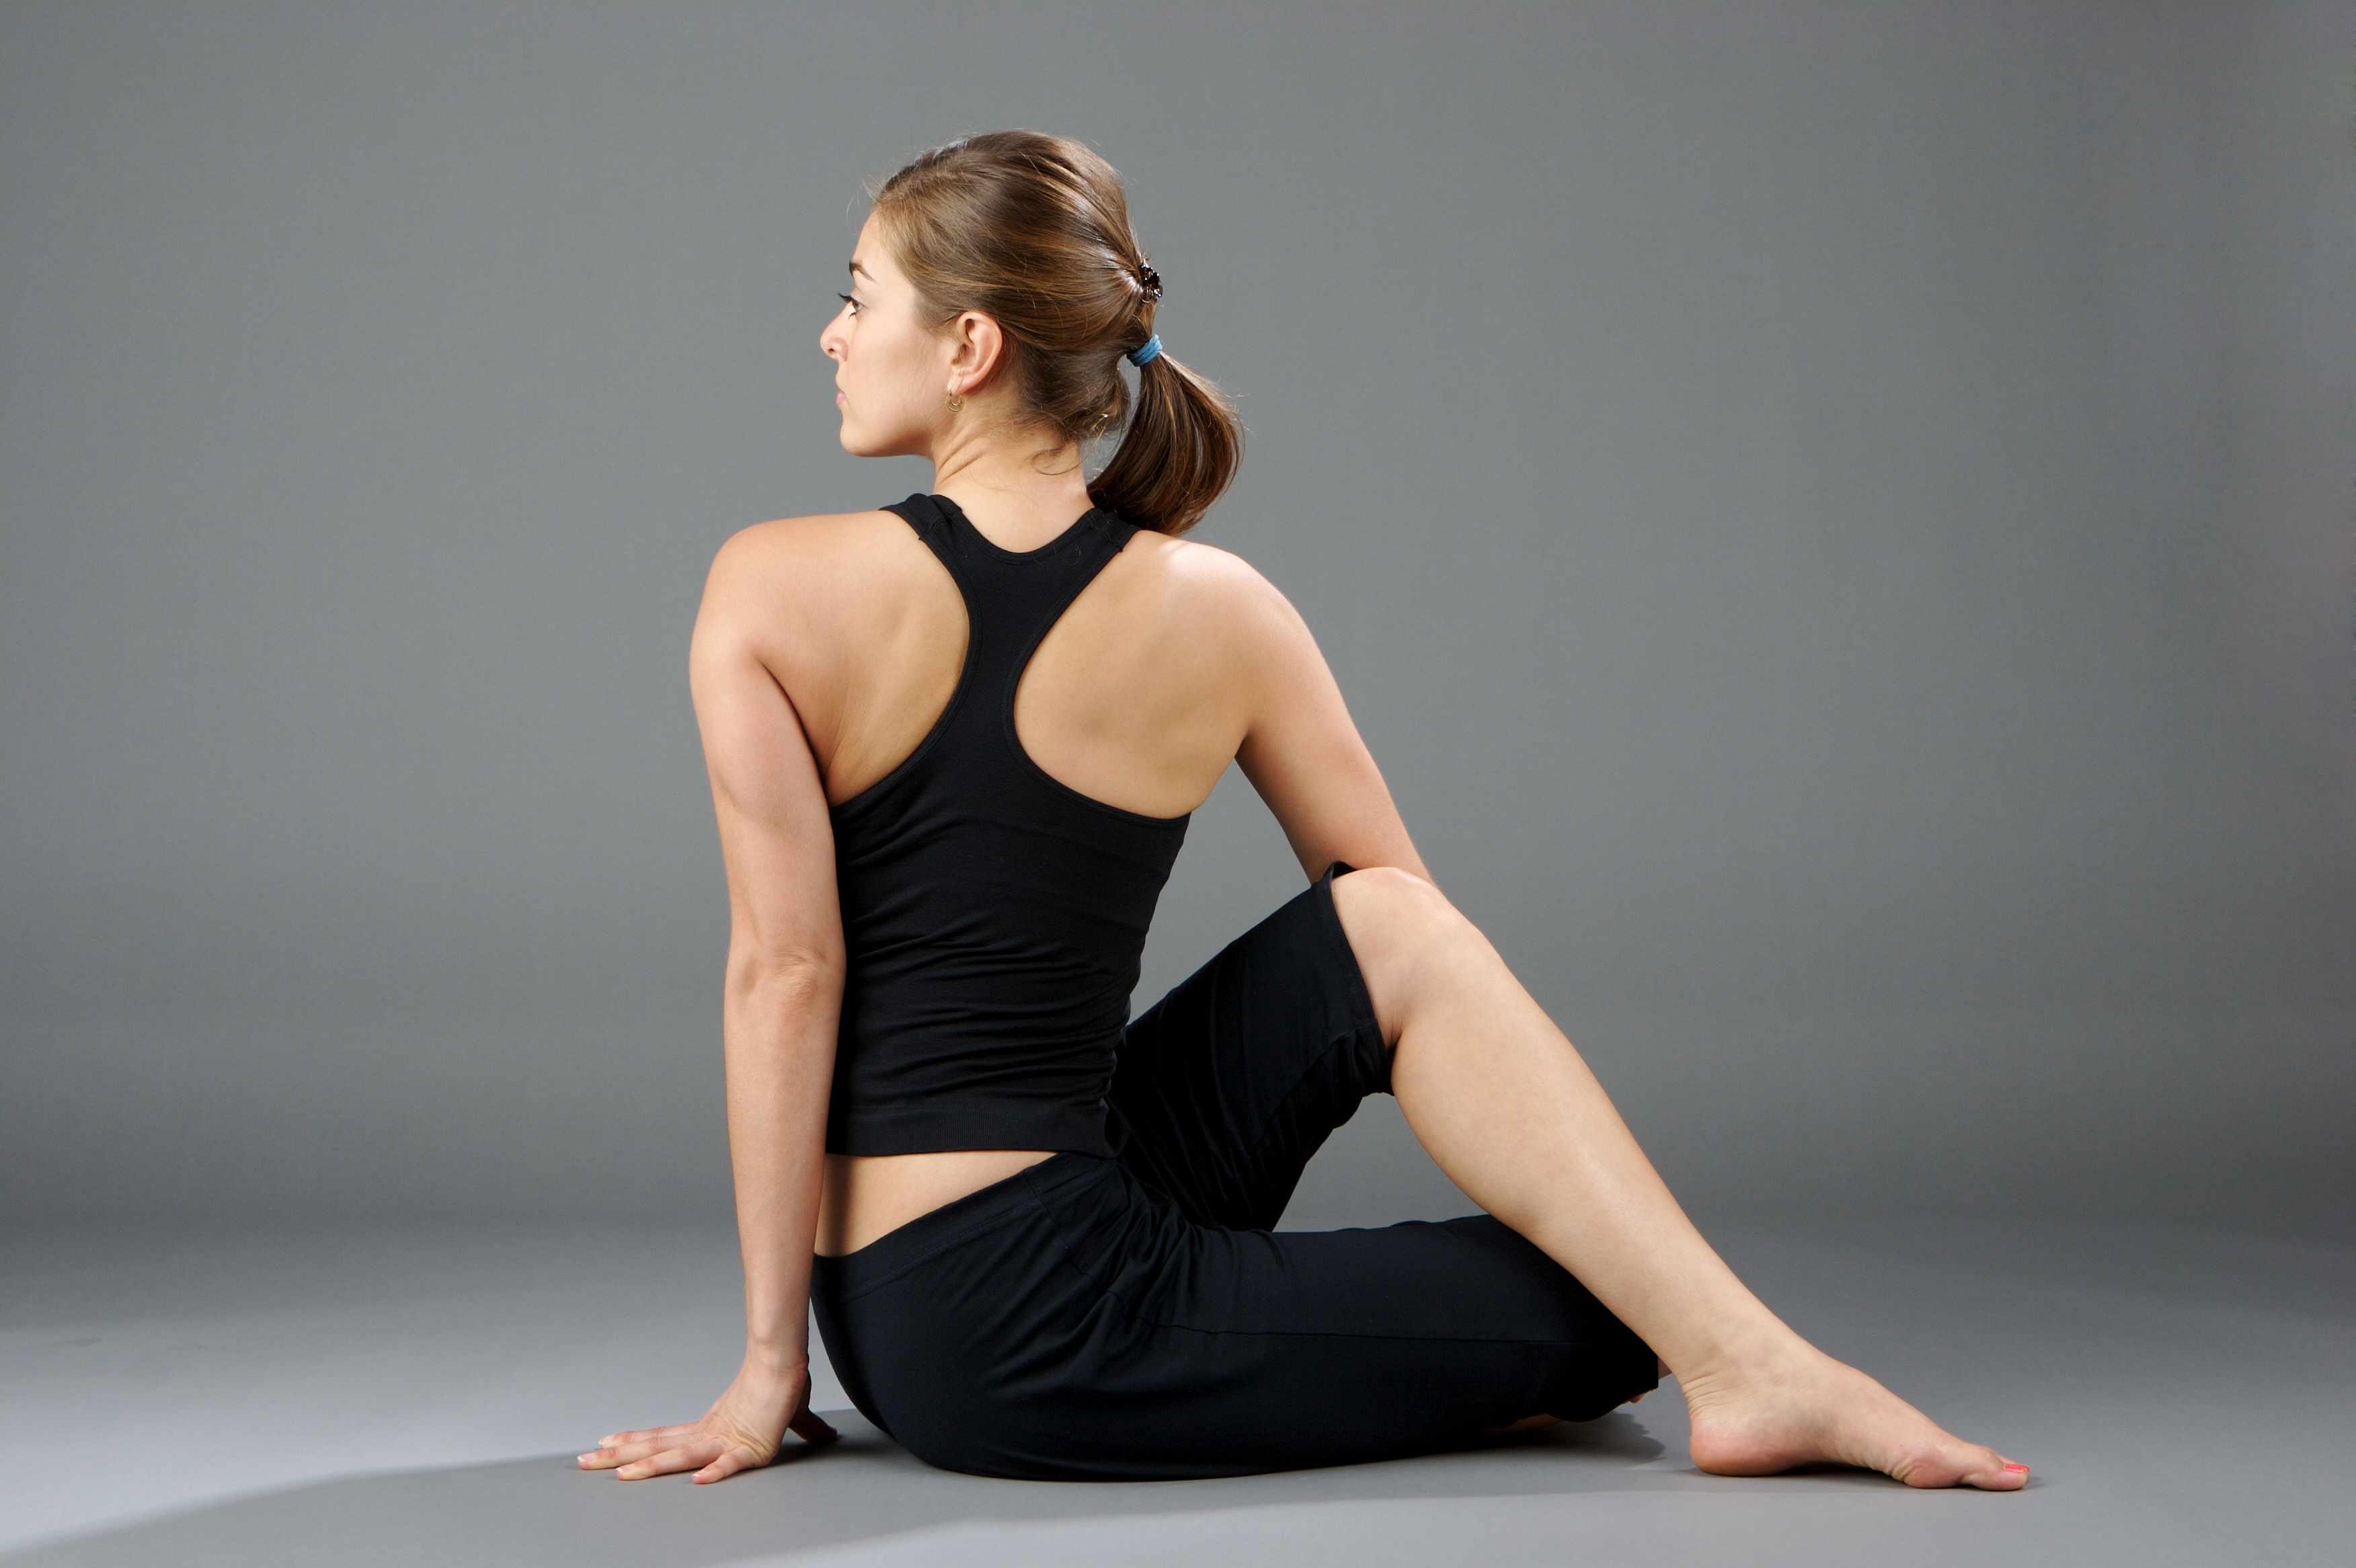 Tư thế vặn mình là một tư thế yoga sau inh mổ cho các mẹ